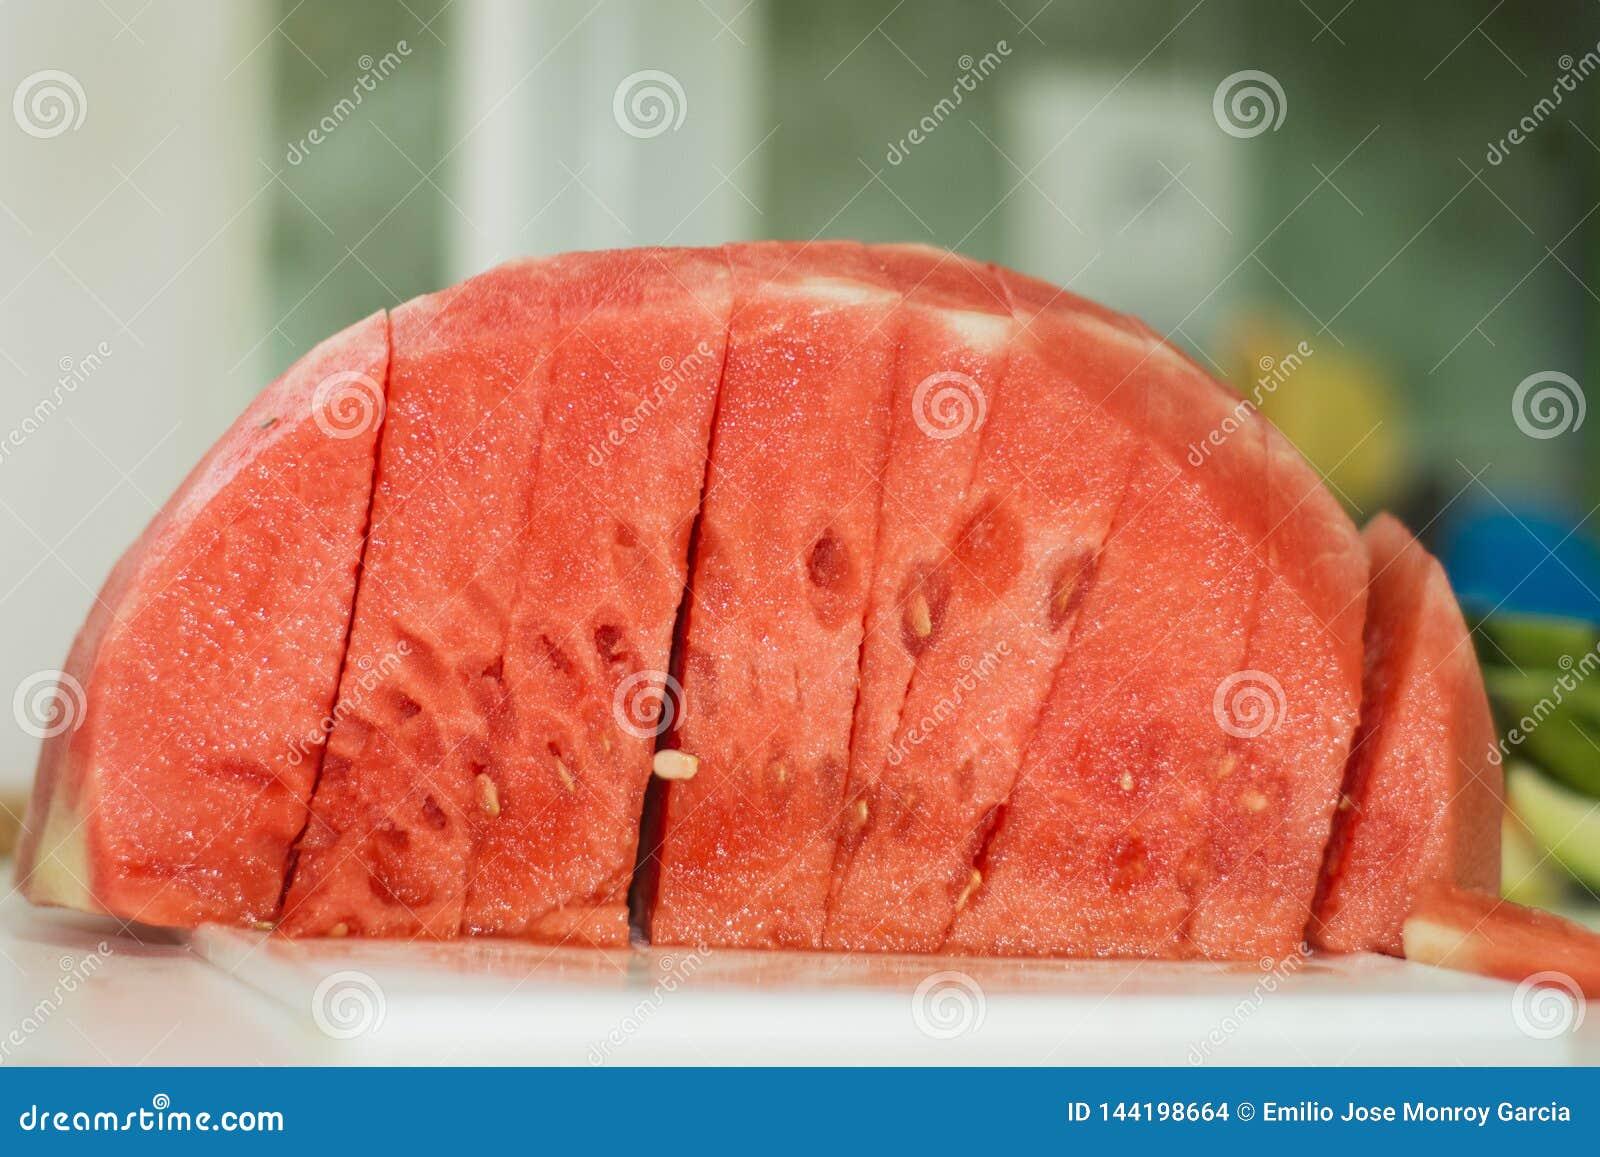 Tranches savoureuses de pastèque à la maison